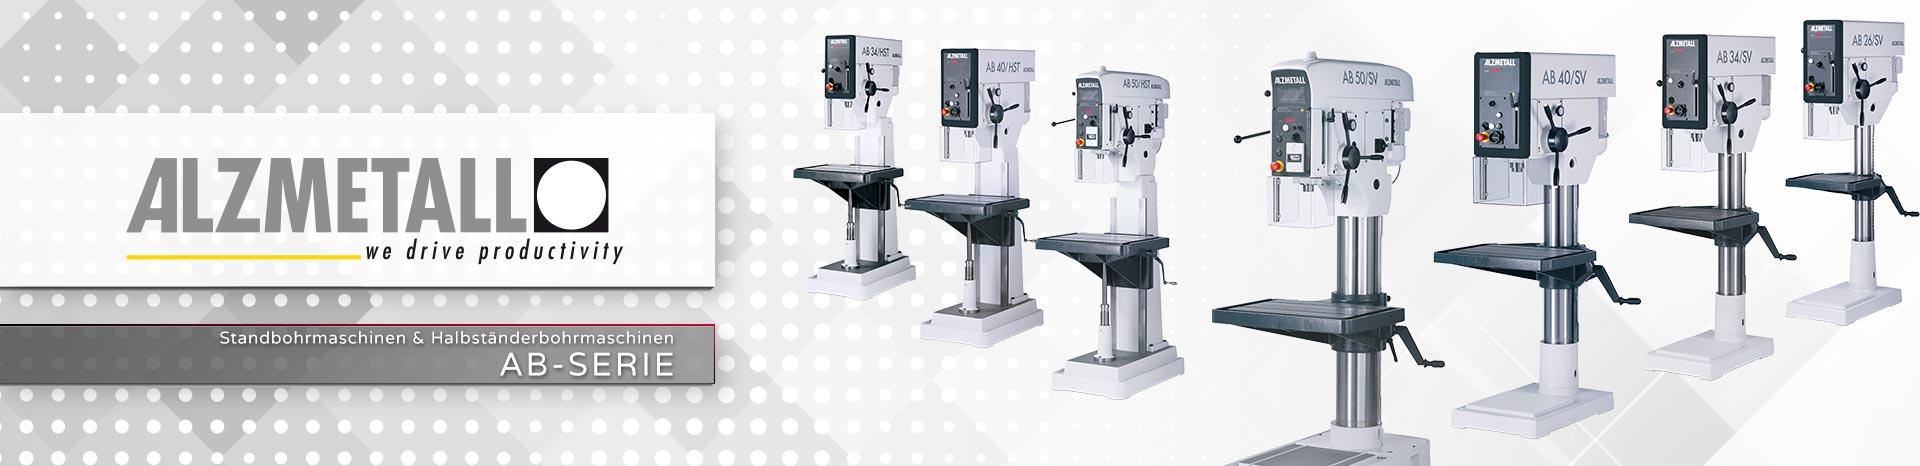 Die AB-Serie in der Übersicht | Säulen- und Halbständerbohrmaschinen